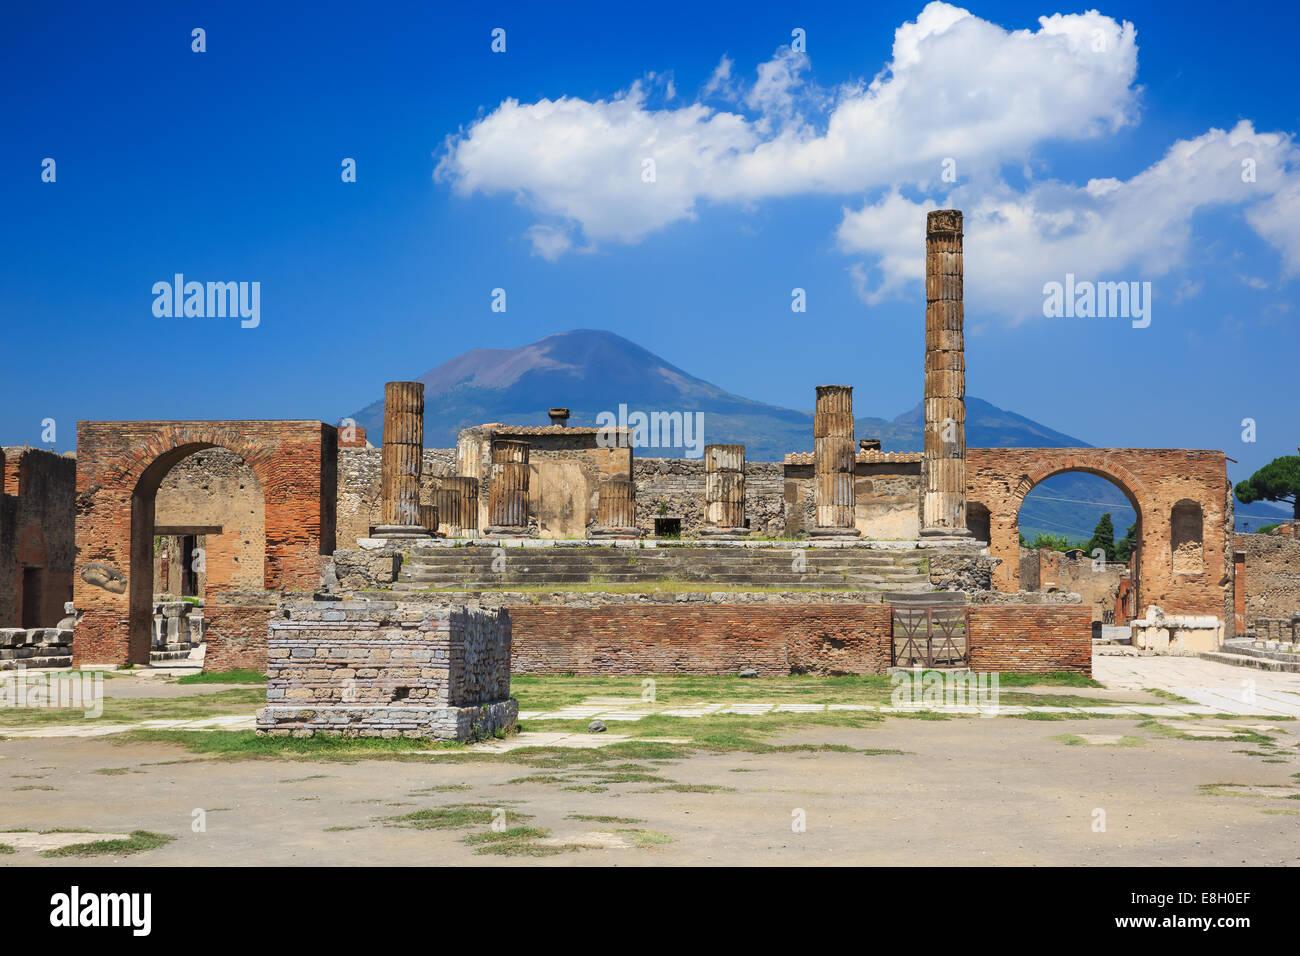 Pompeii, Italy - Stock Image